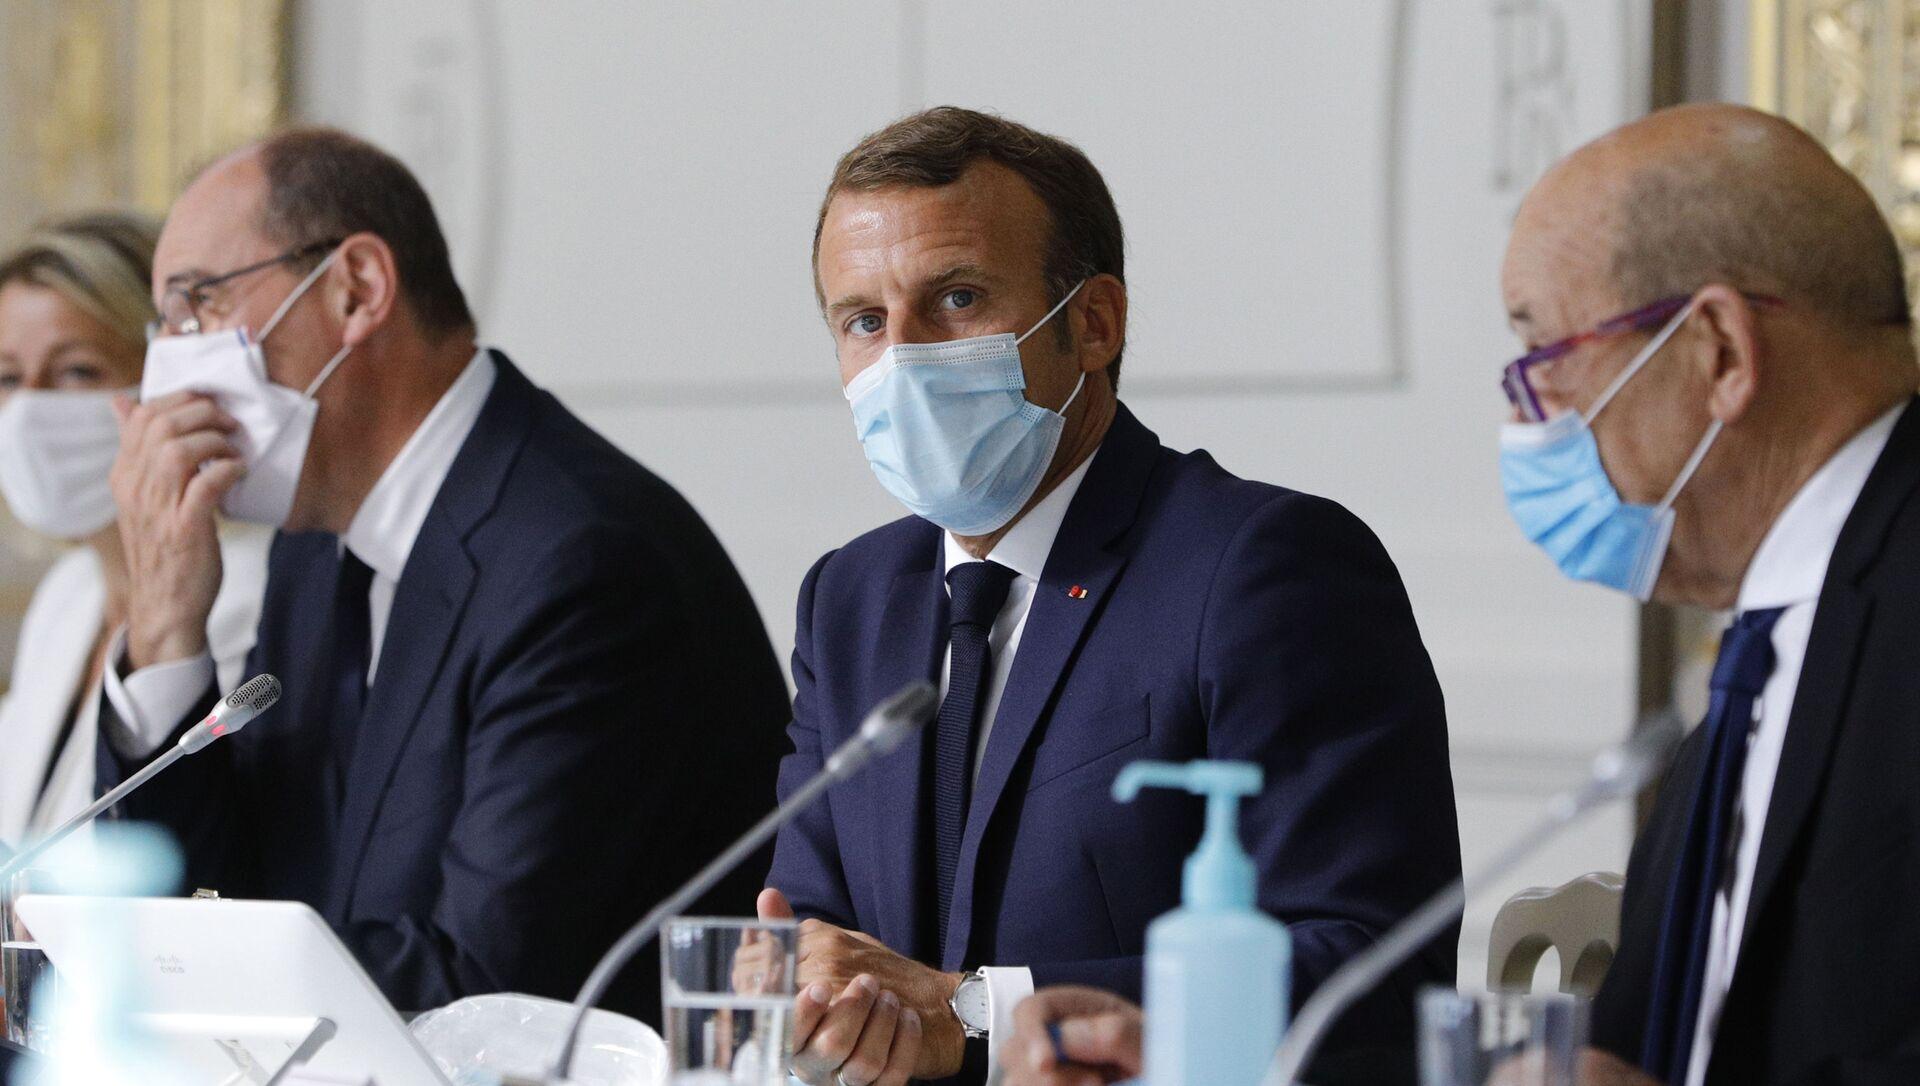 Jean Castex, Emmanuel Macron et Jean-Yves le Drian, Palais de l'Élysée, 26 août 2020 - Sputnik France, 1920, 07.09.2021